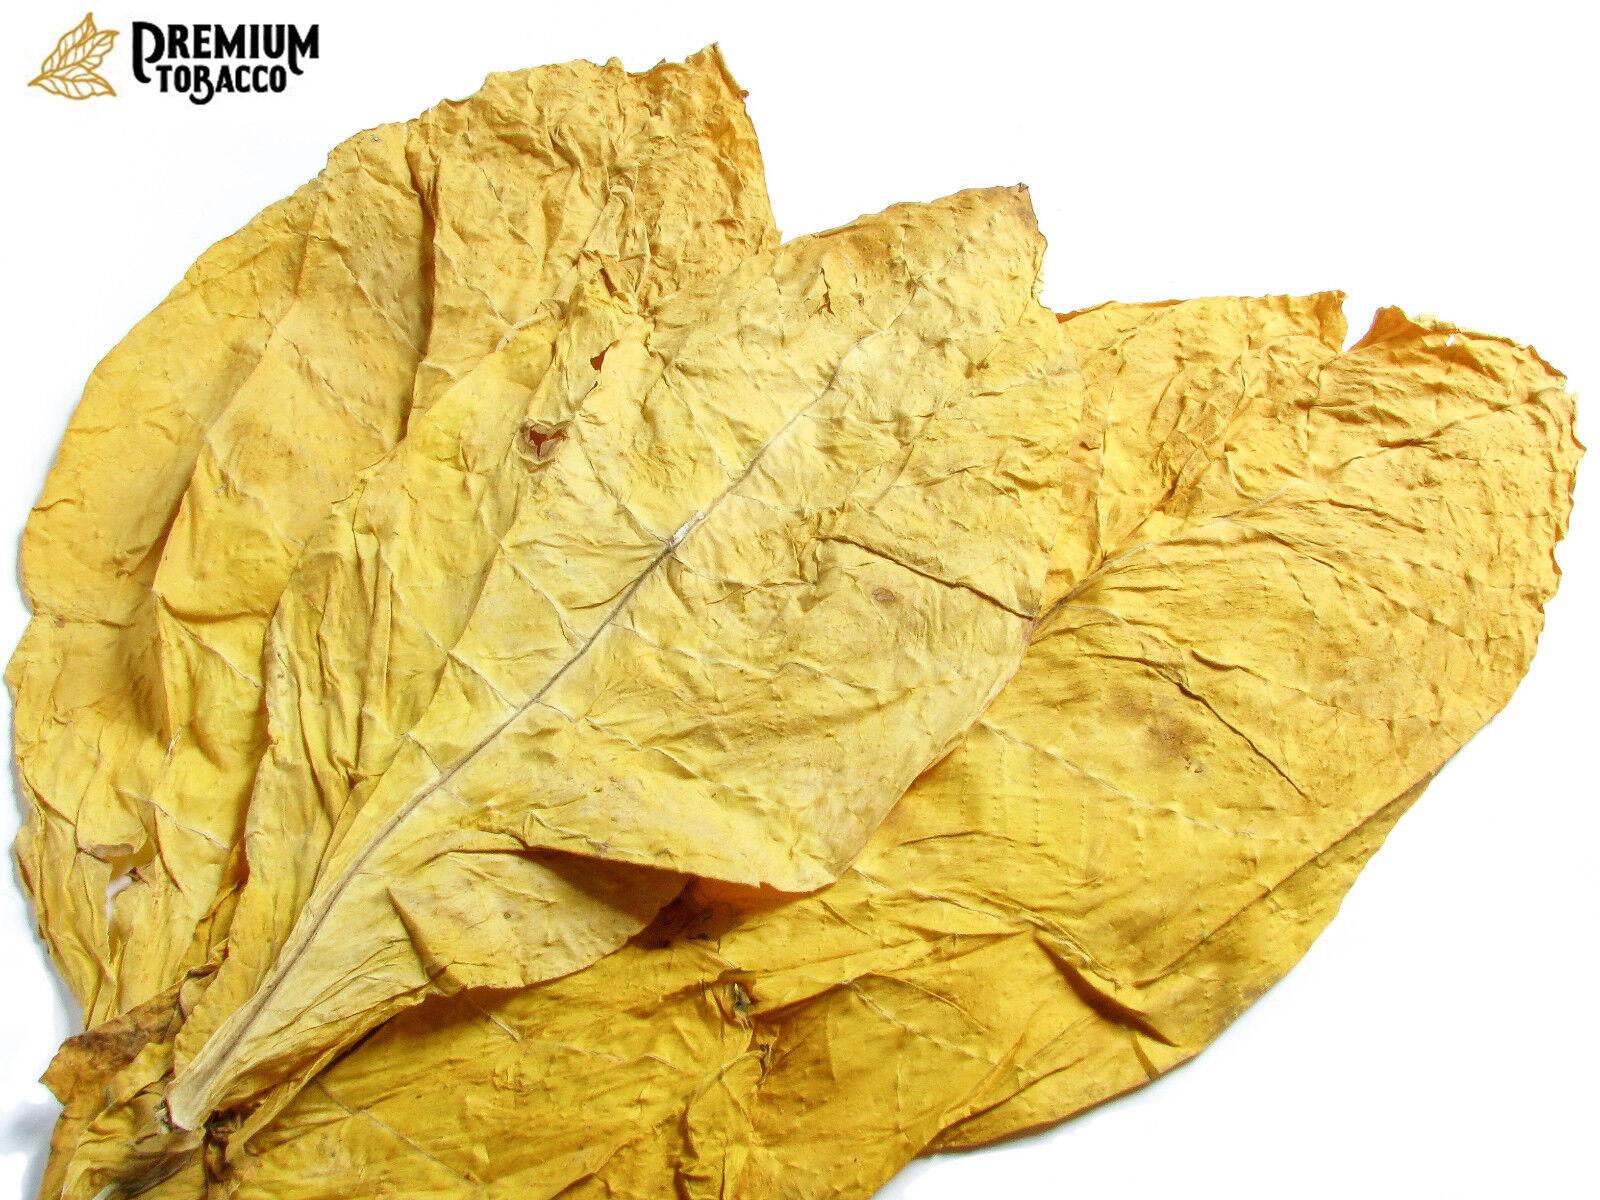 Virginia Gold Klasse 1 Tabakblätter Duft & Deko Rohtabak 1Kg